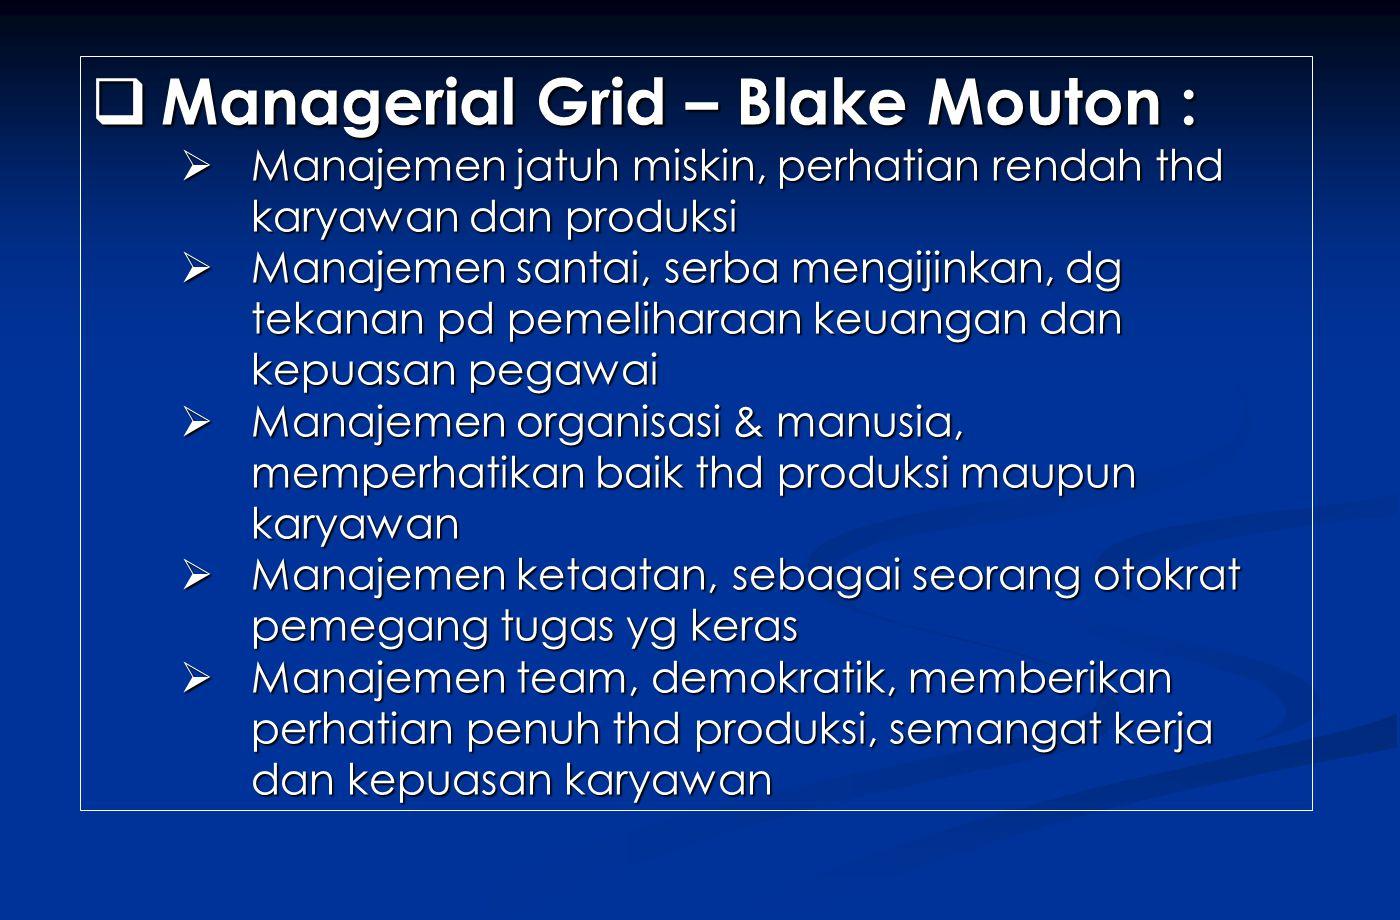  Managerial Grid – Blake Mouton :  Manajemen jatuh miskin, perhatian rendah thd karyawan dan produksi  Manajemen santai, serba mengijinkan, dg teka